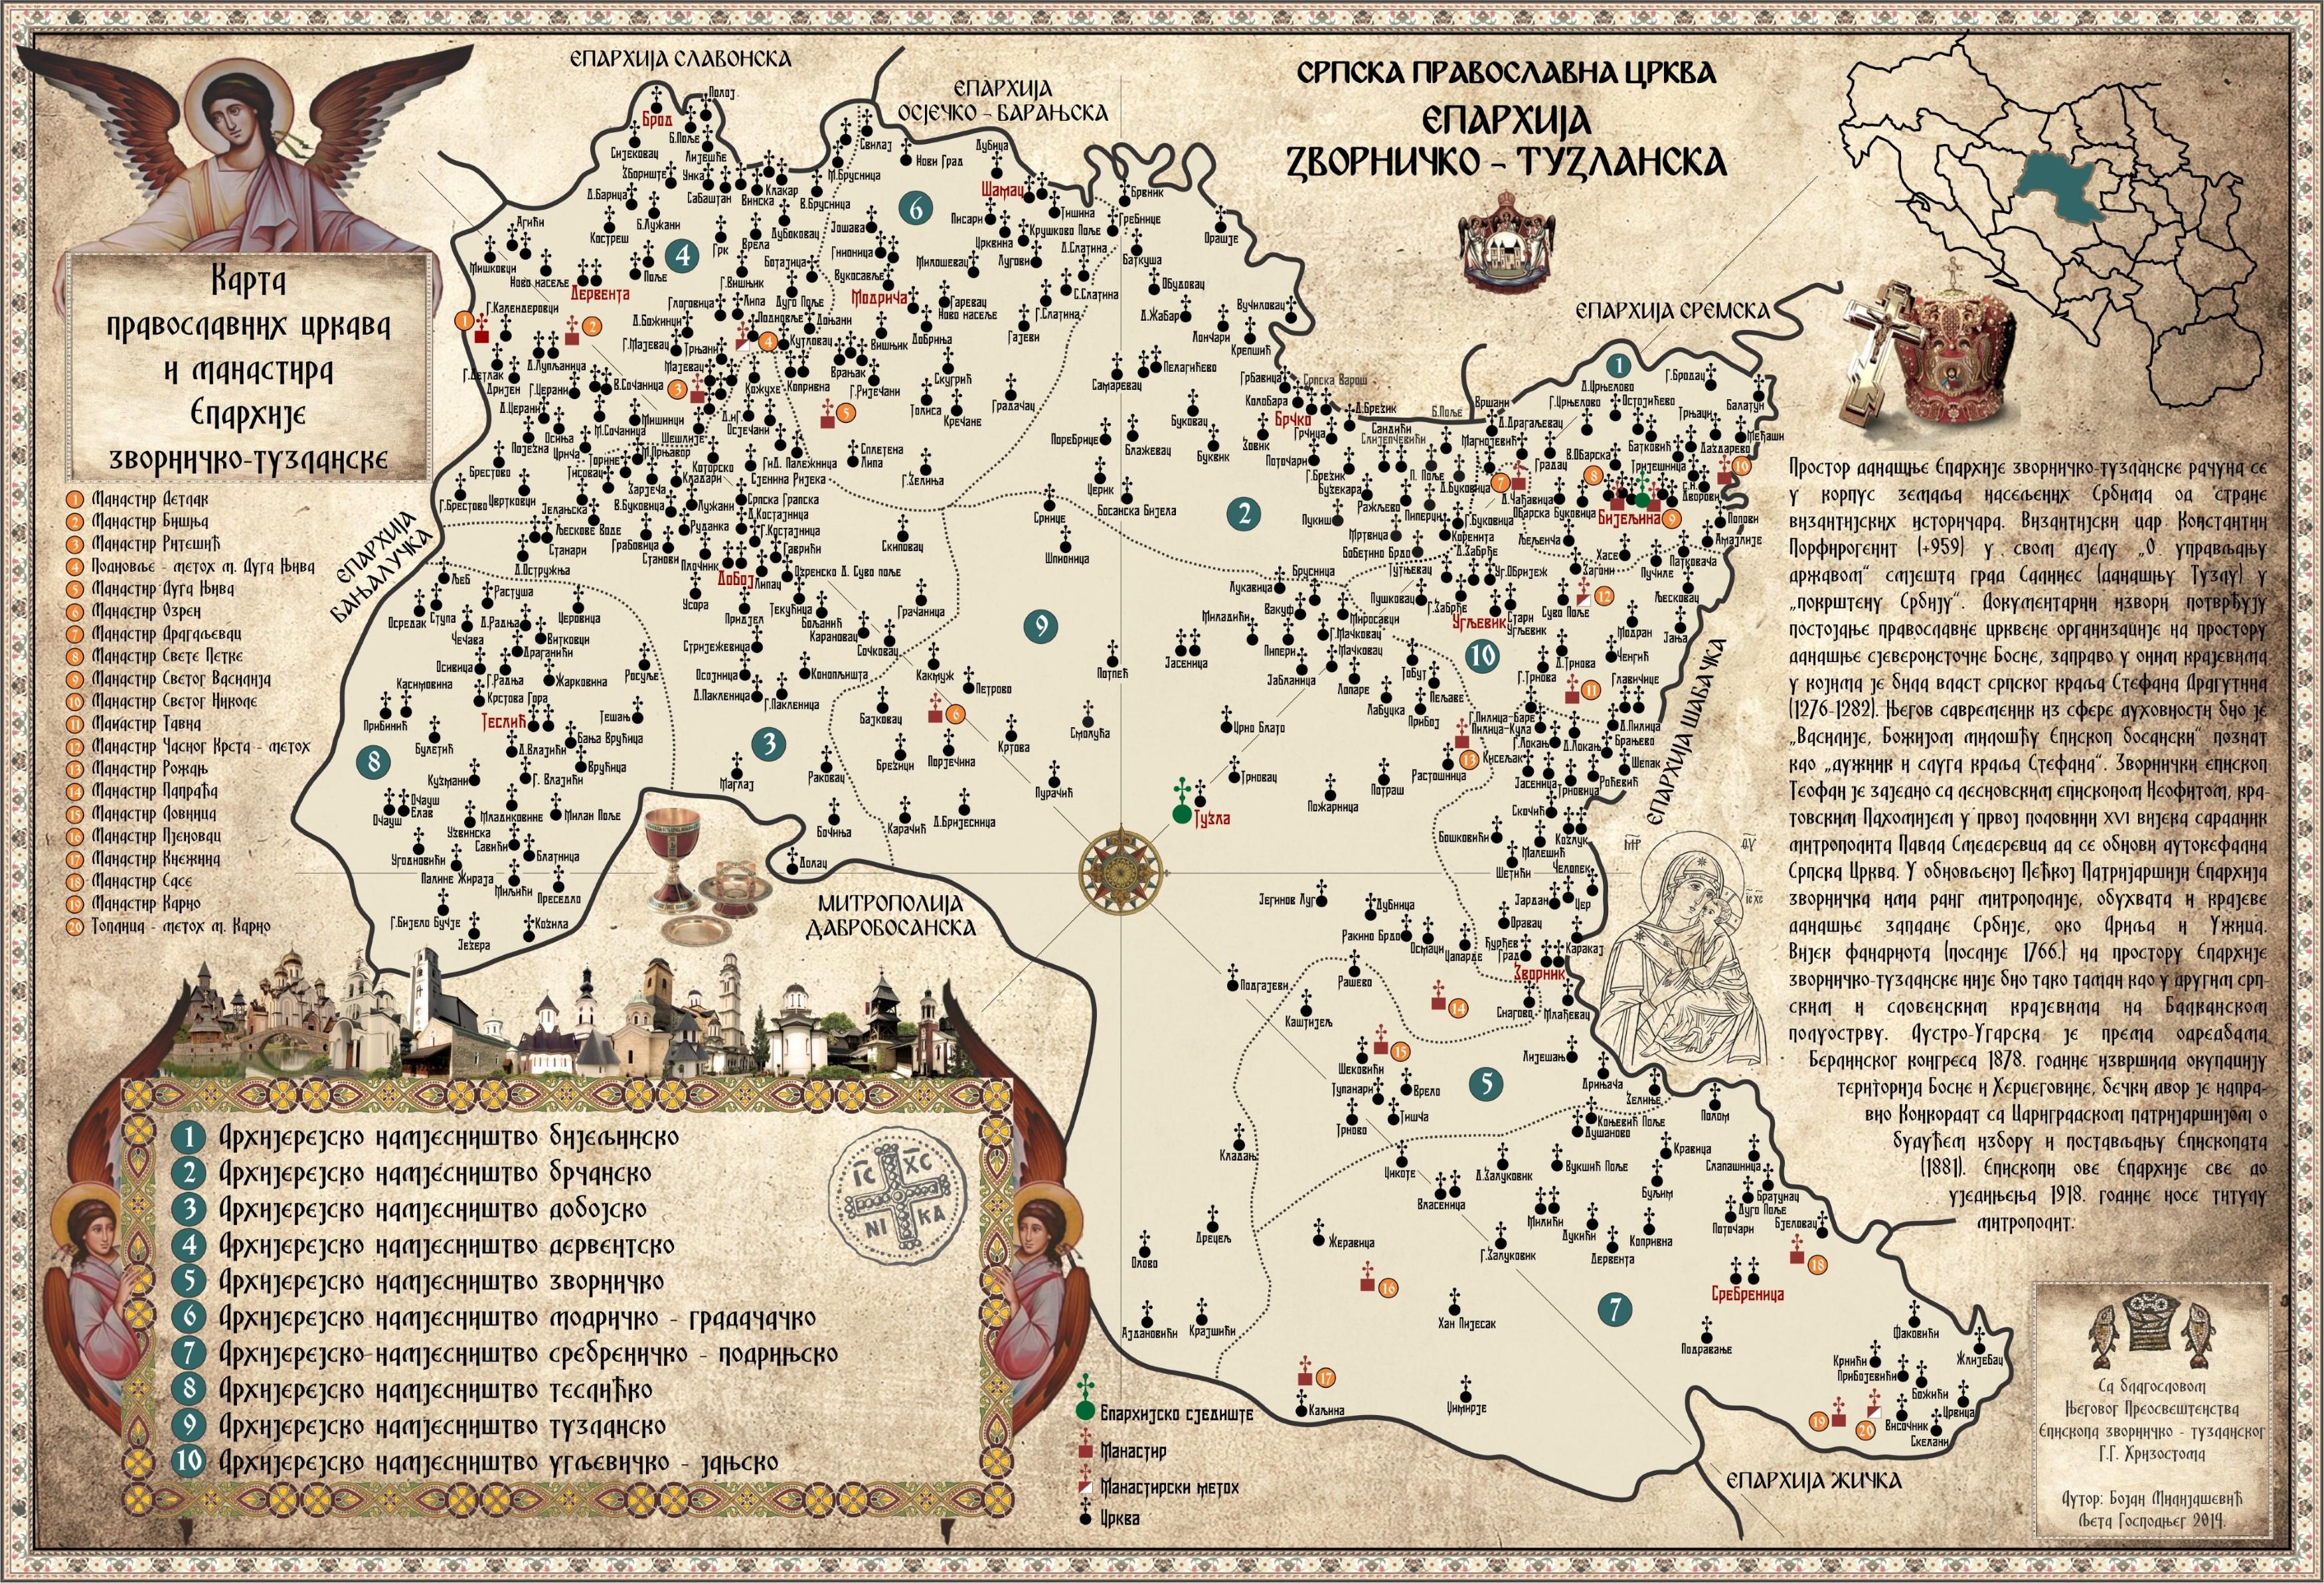 Епархија зворничко - тузланска - мапа